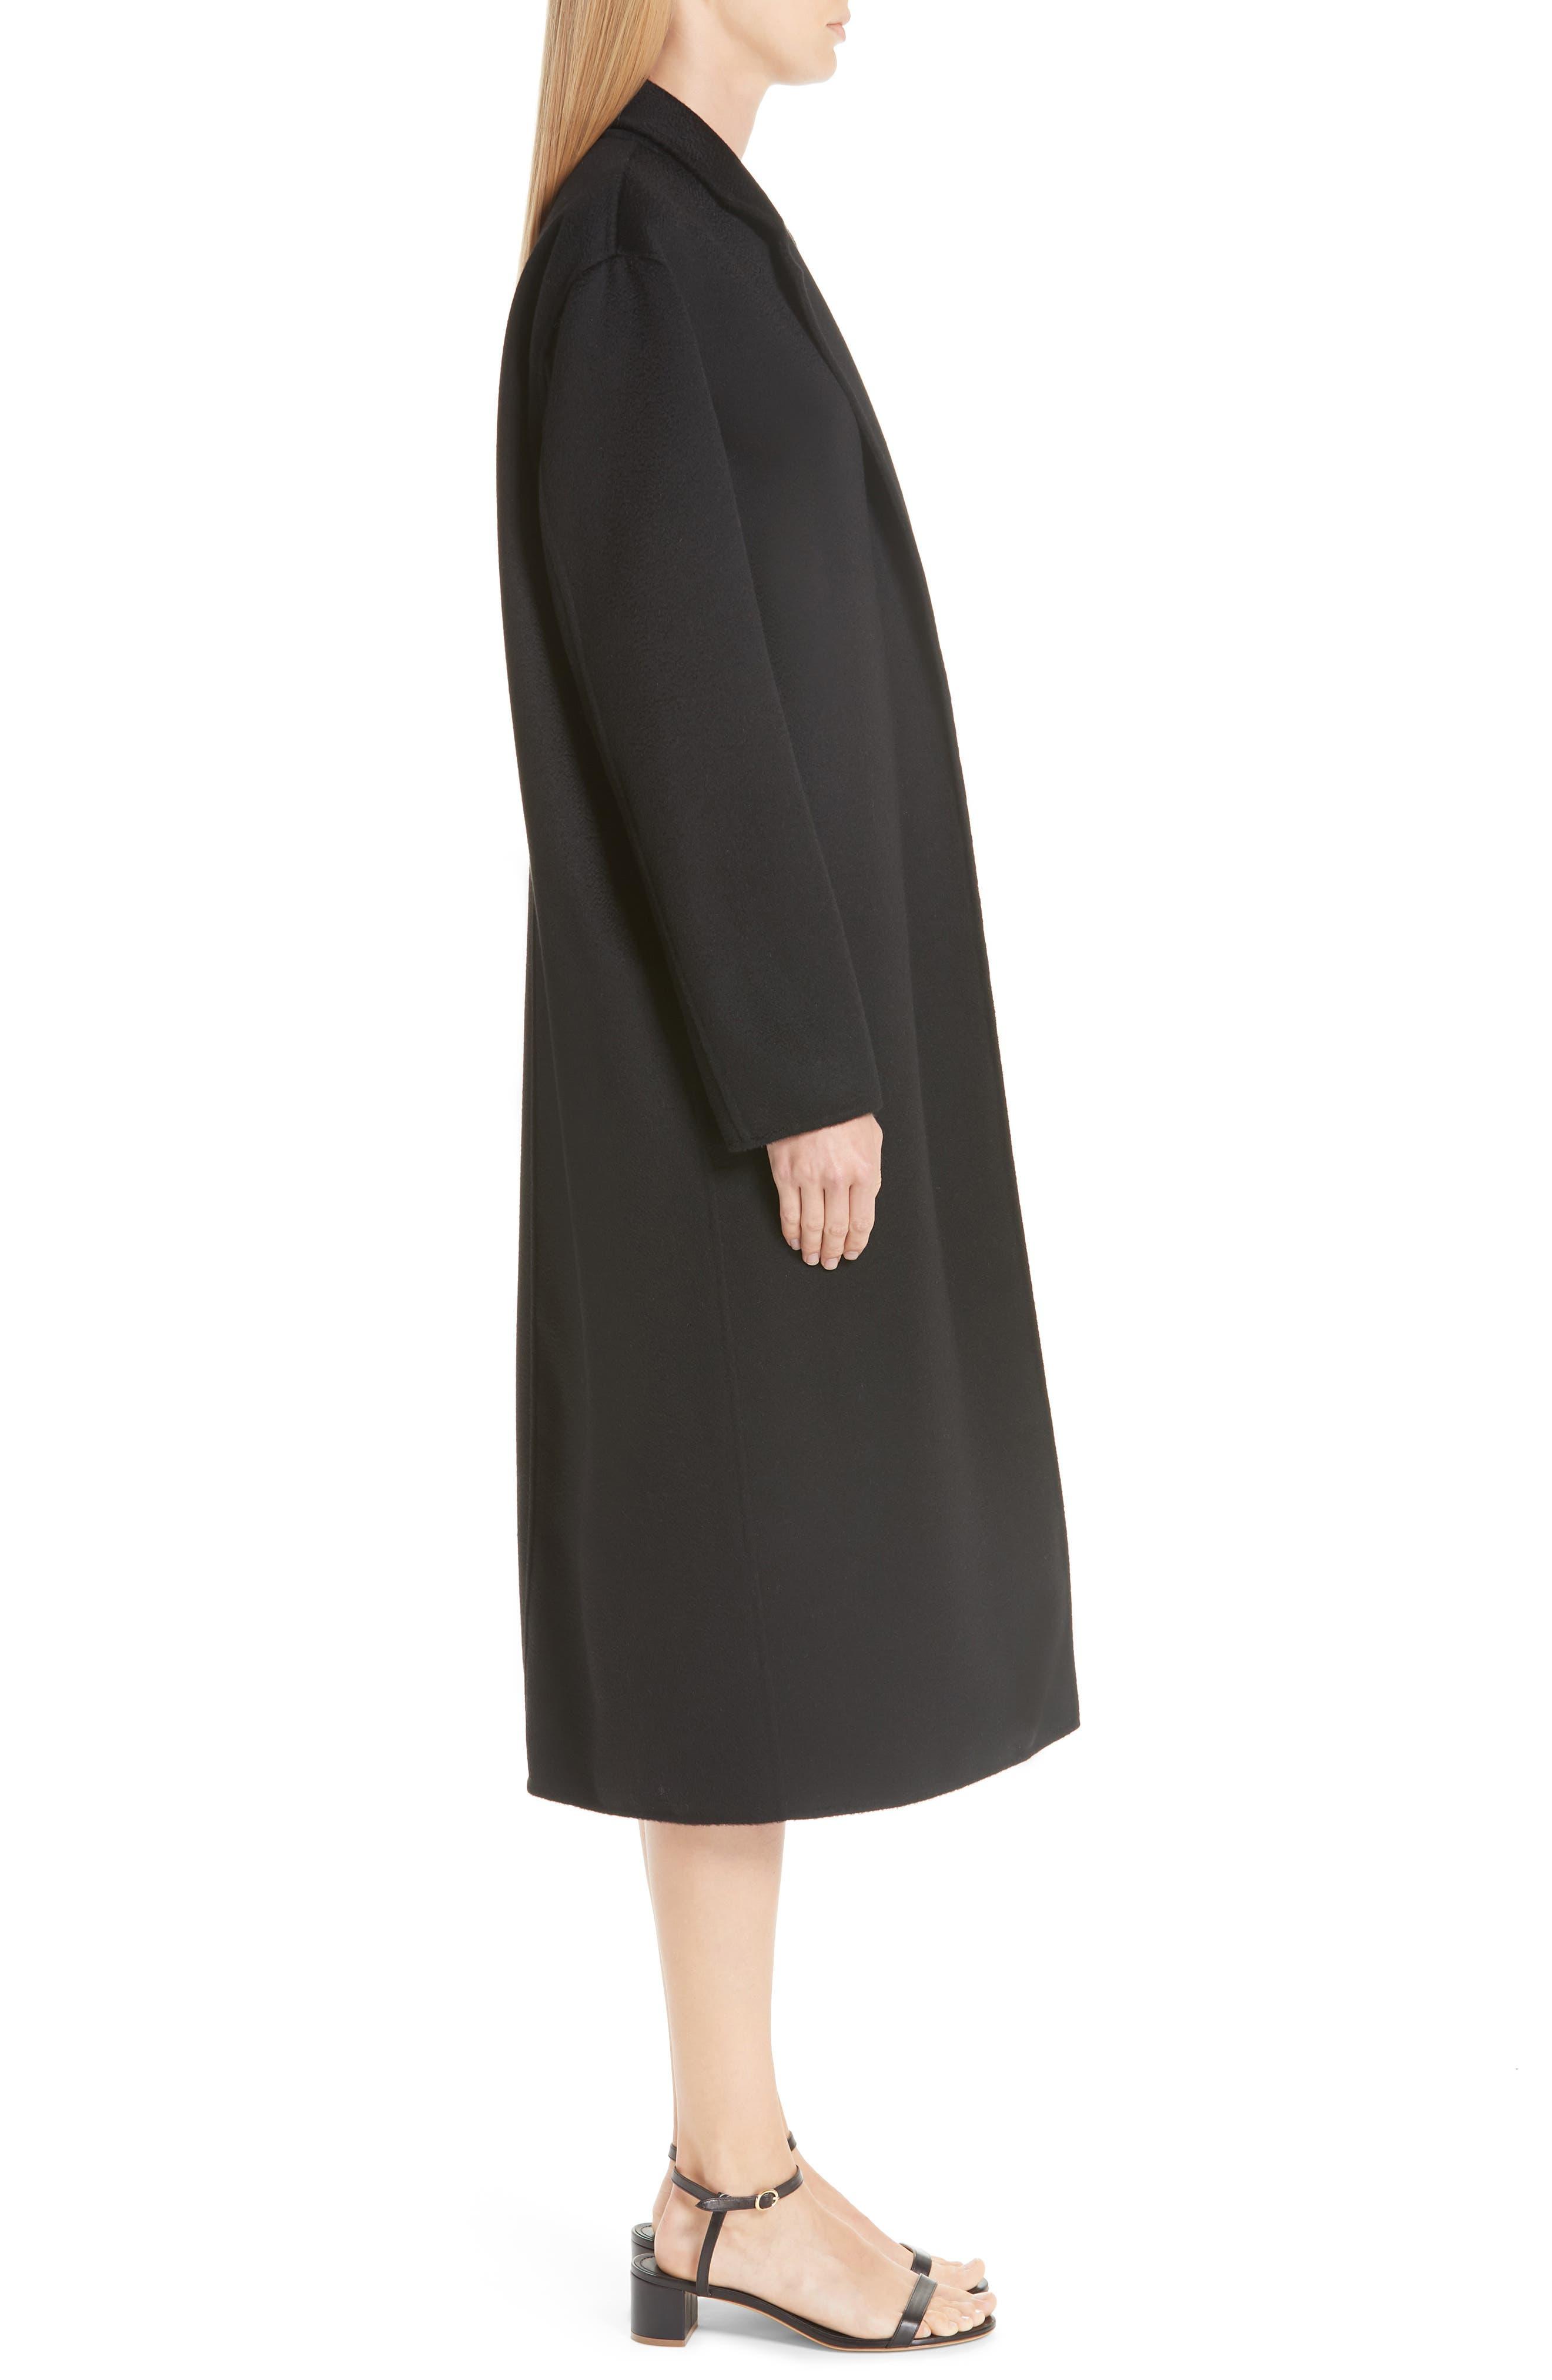 MANSUR GAVRIEL,                             Longline Cashmere Coat,                             Alternate thumbnail 3, color,                             001